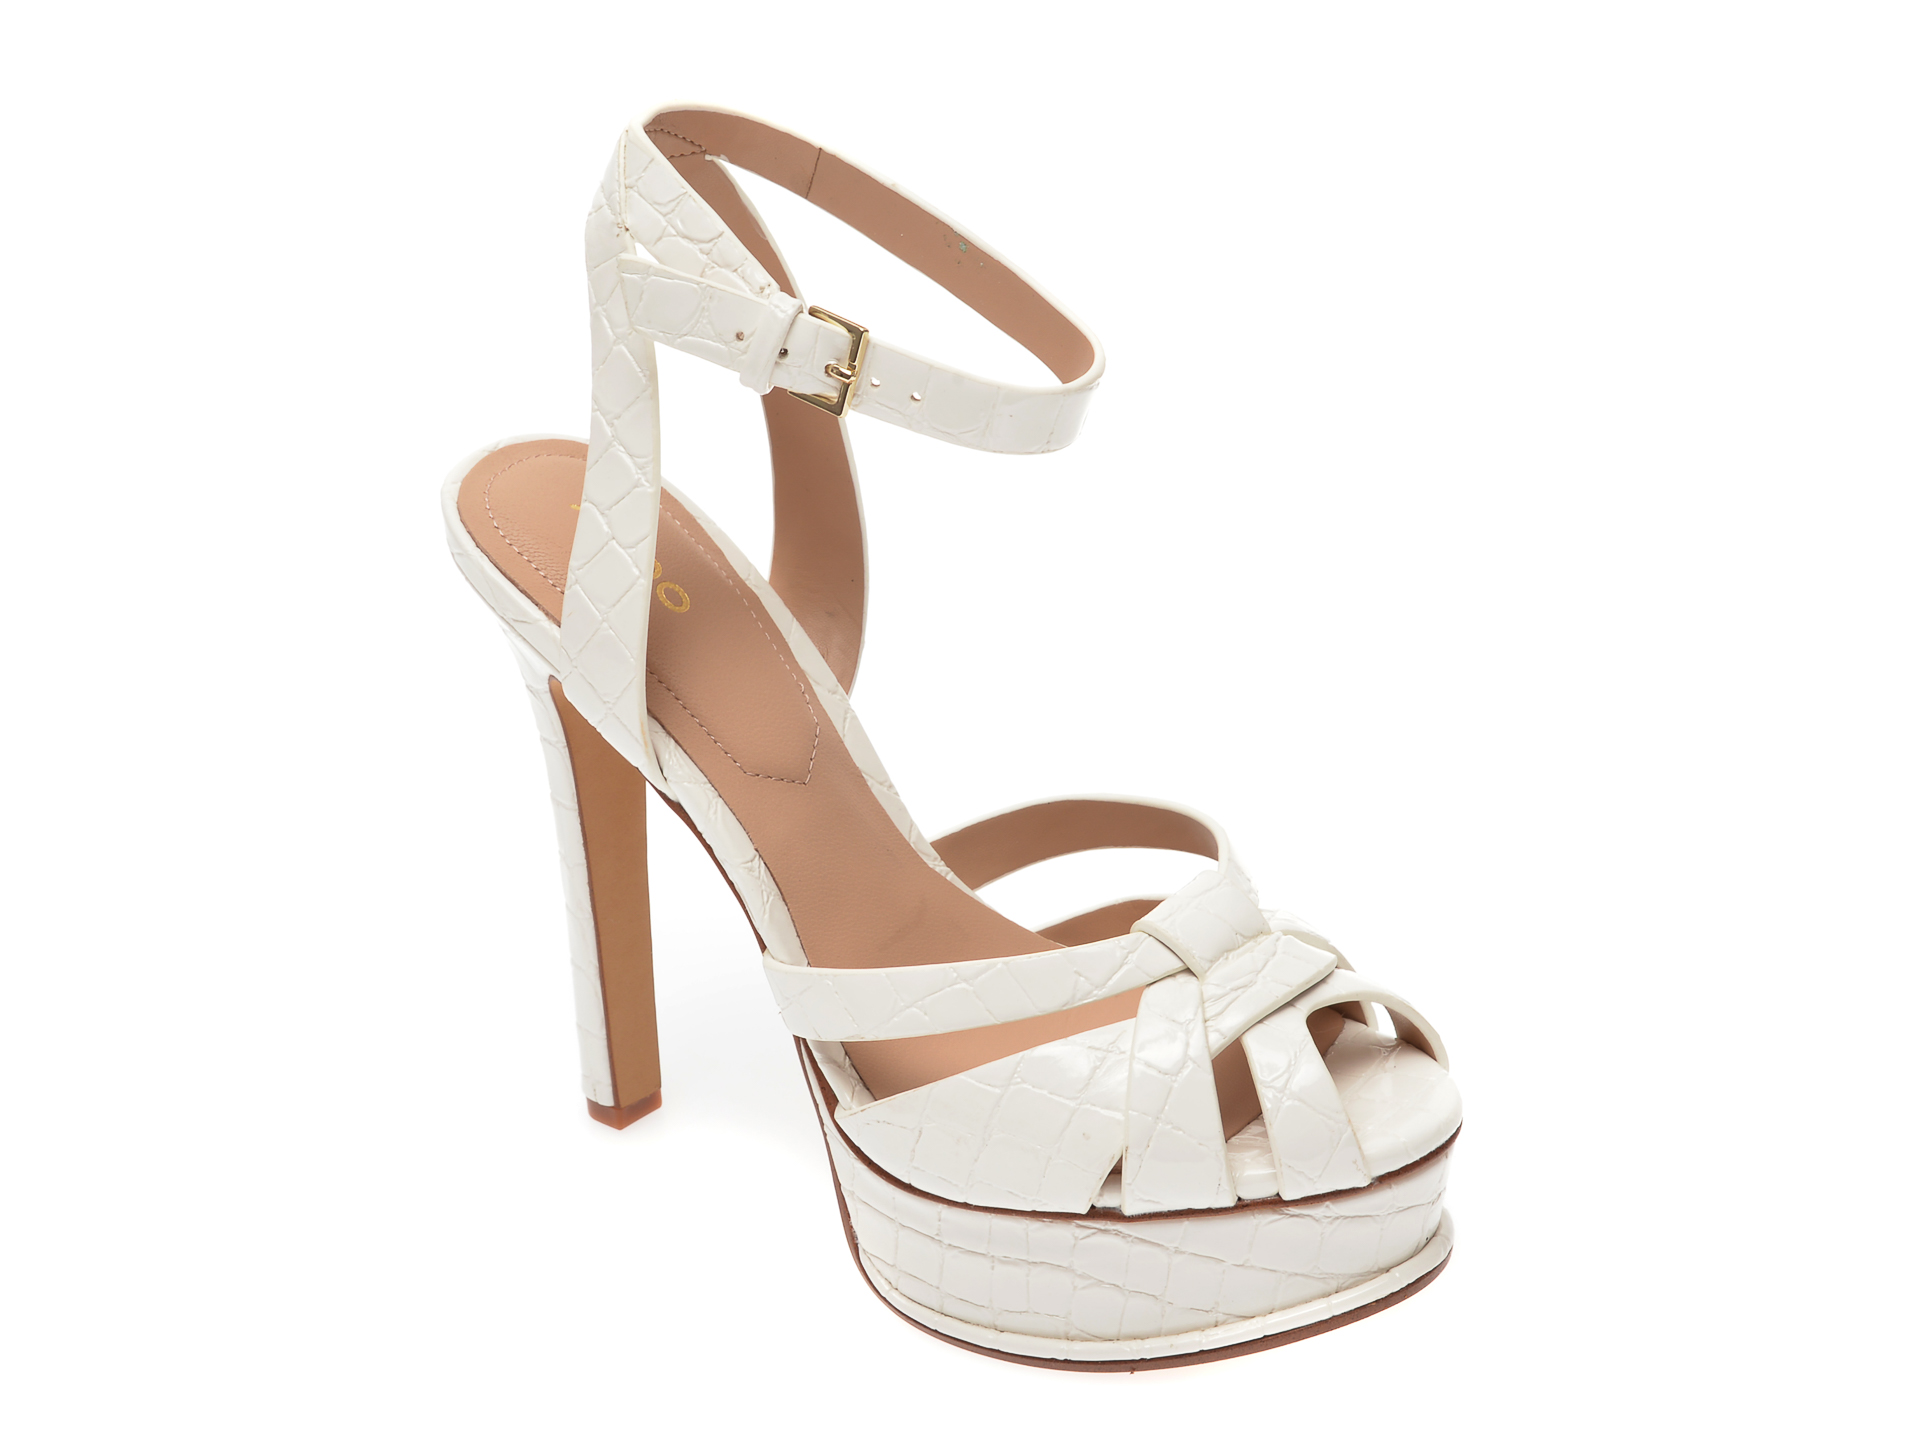 Sandale ALDO albe, Lacla110, din piele ecologica